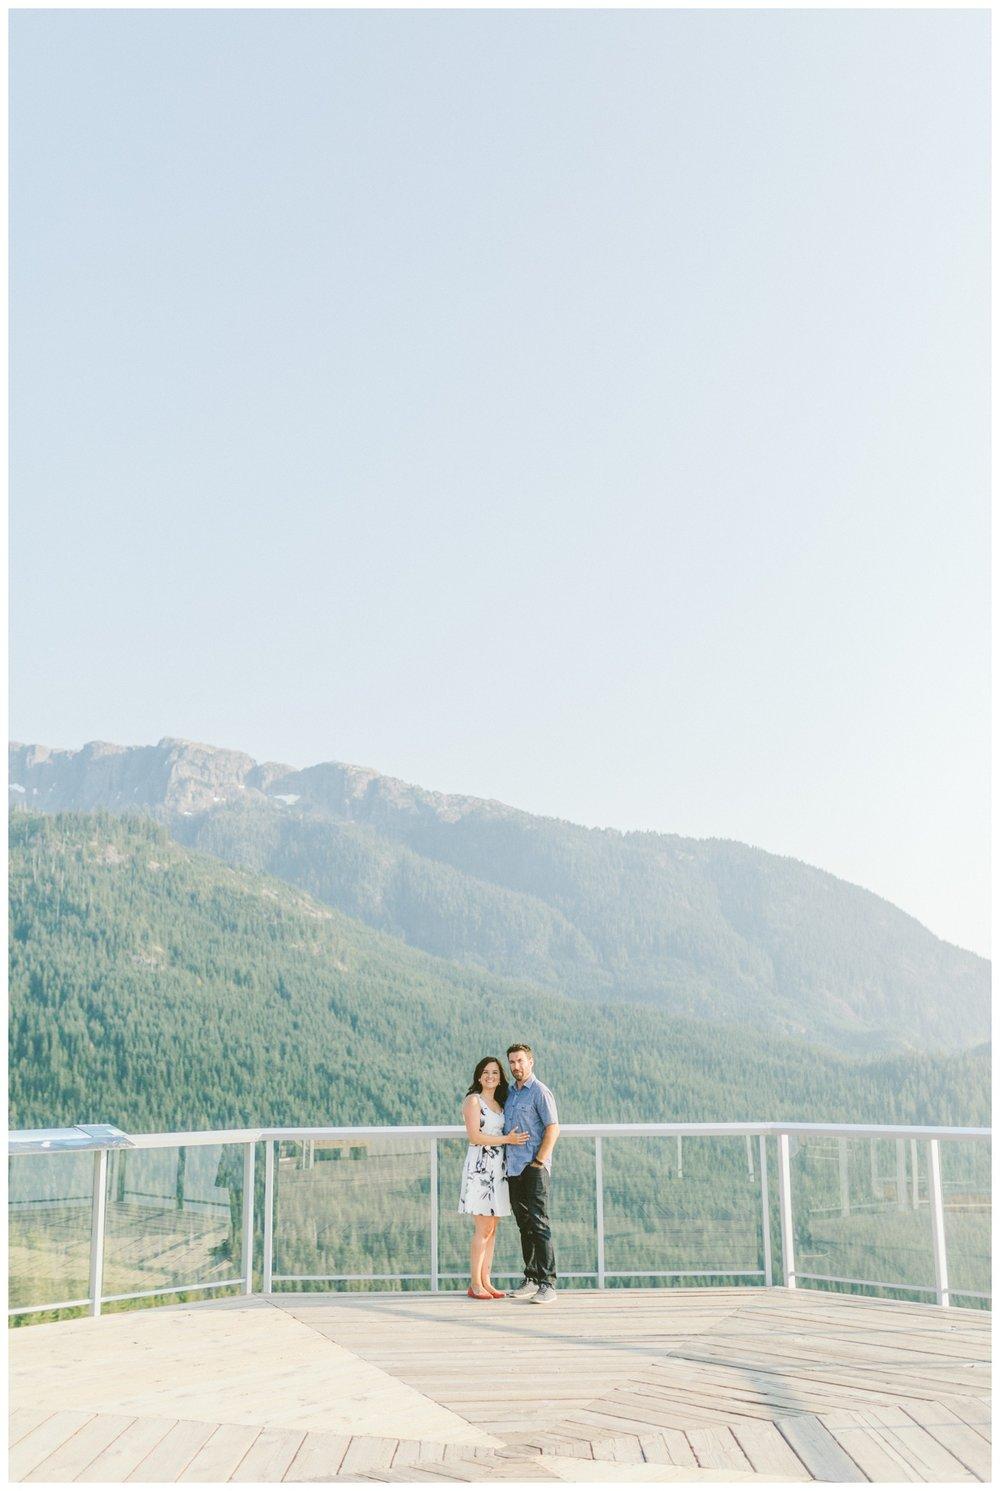 Mattie C. Hong Kong Vancouver Fine Art Wedding Prewedding Photographer 17.jpg